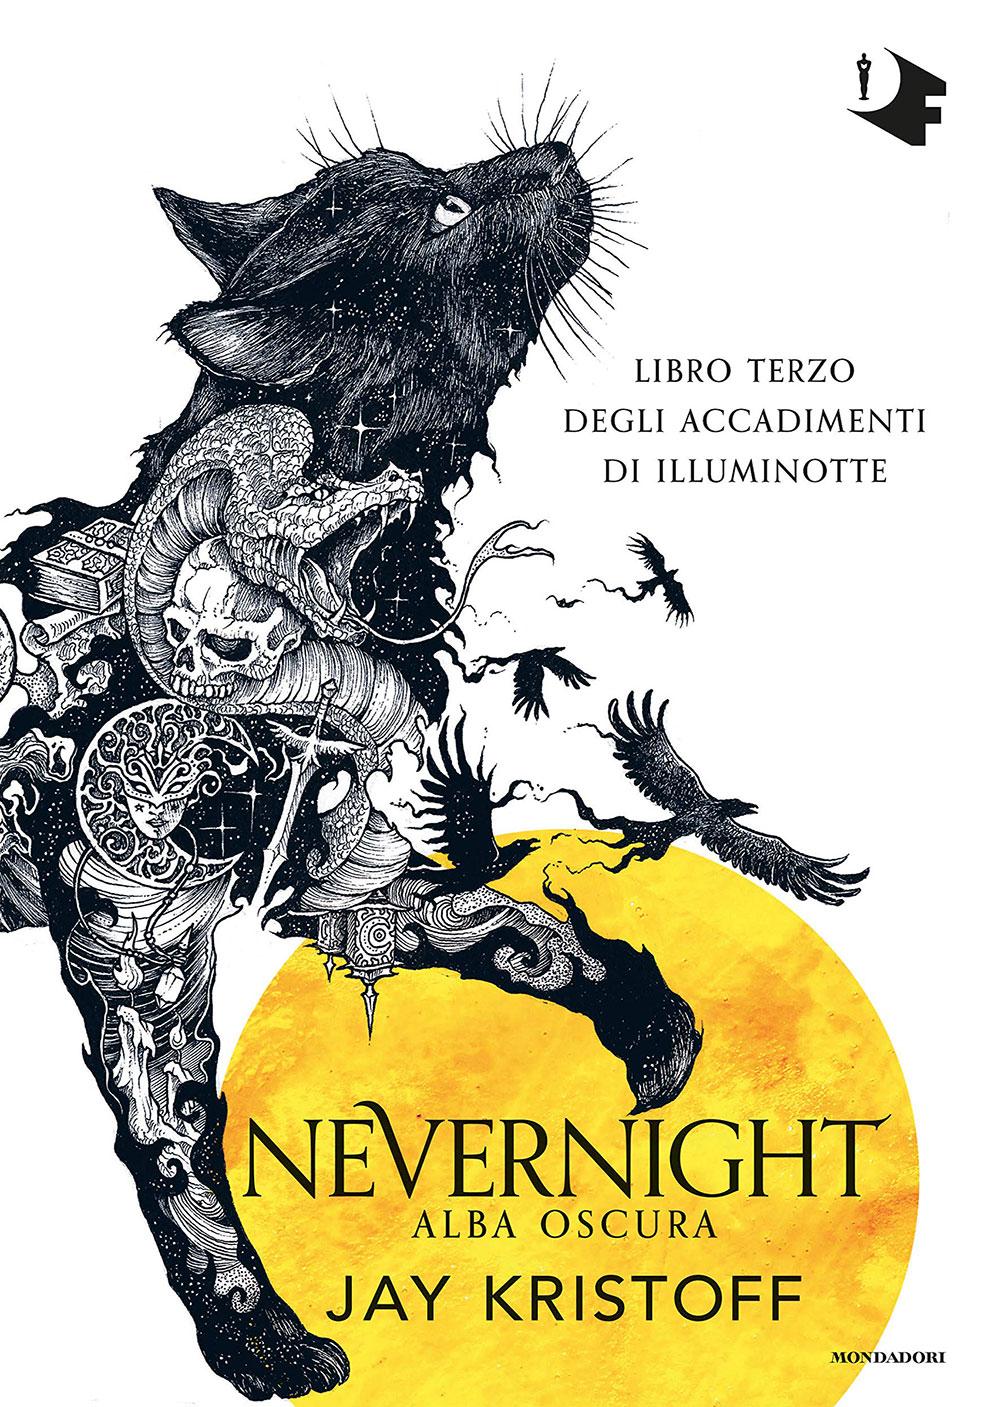 Recensioni 2019: Nevernight. Alba oscura